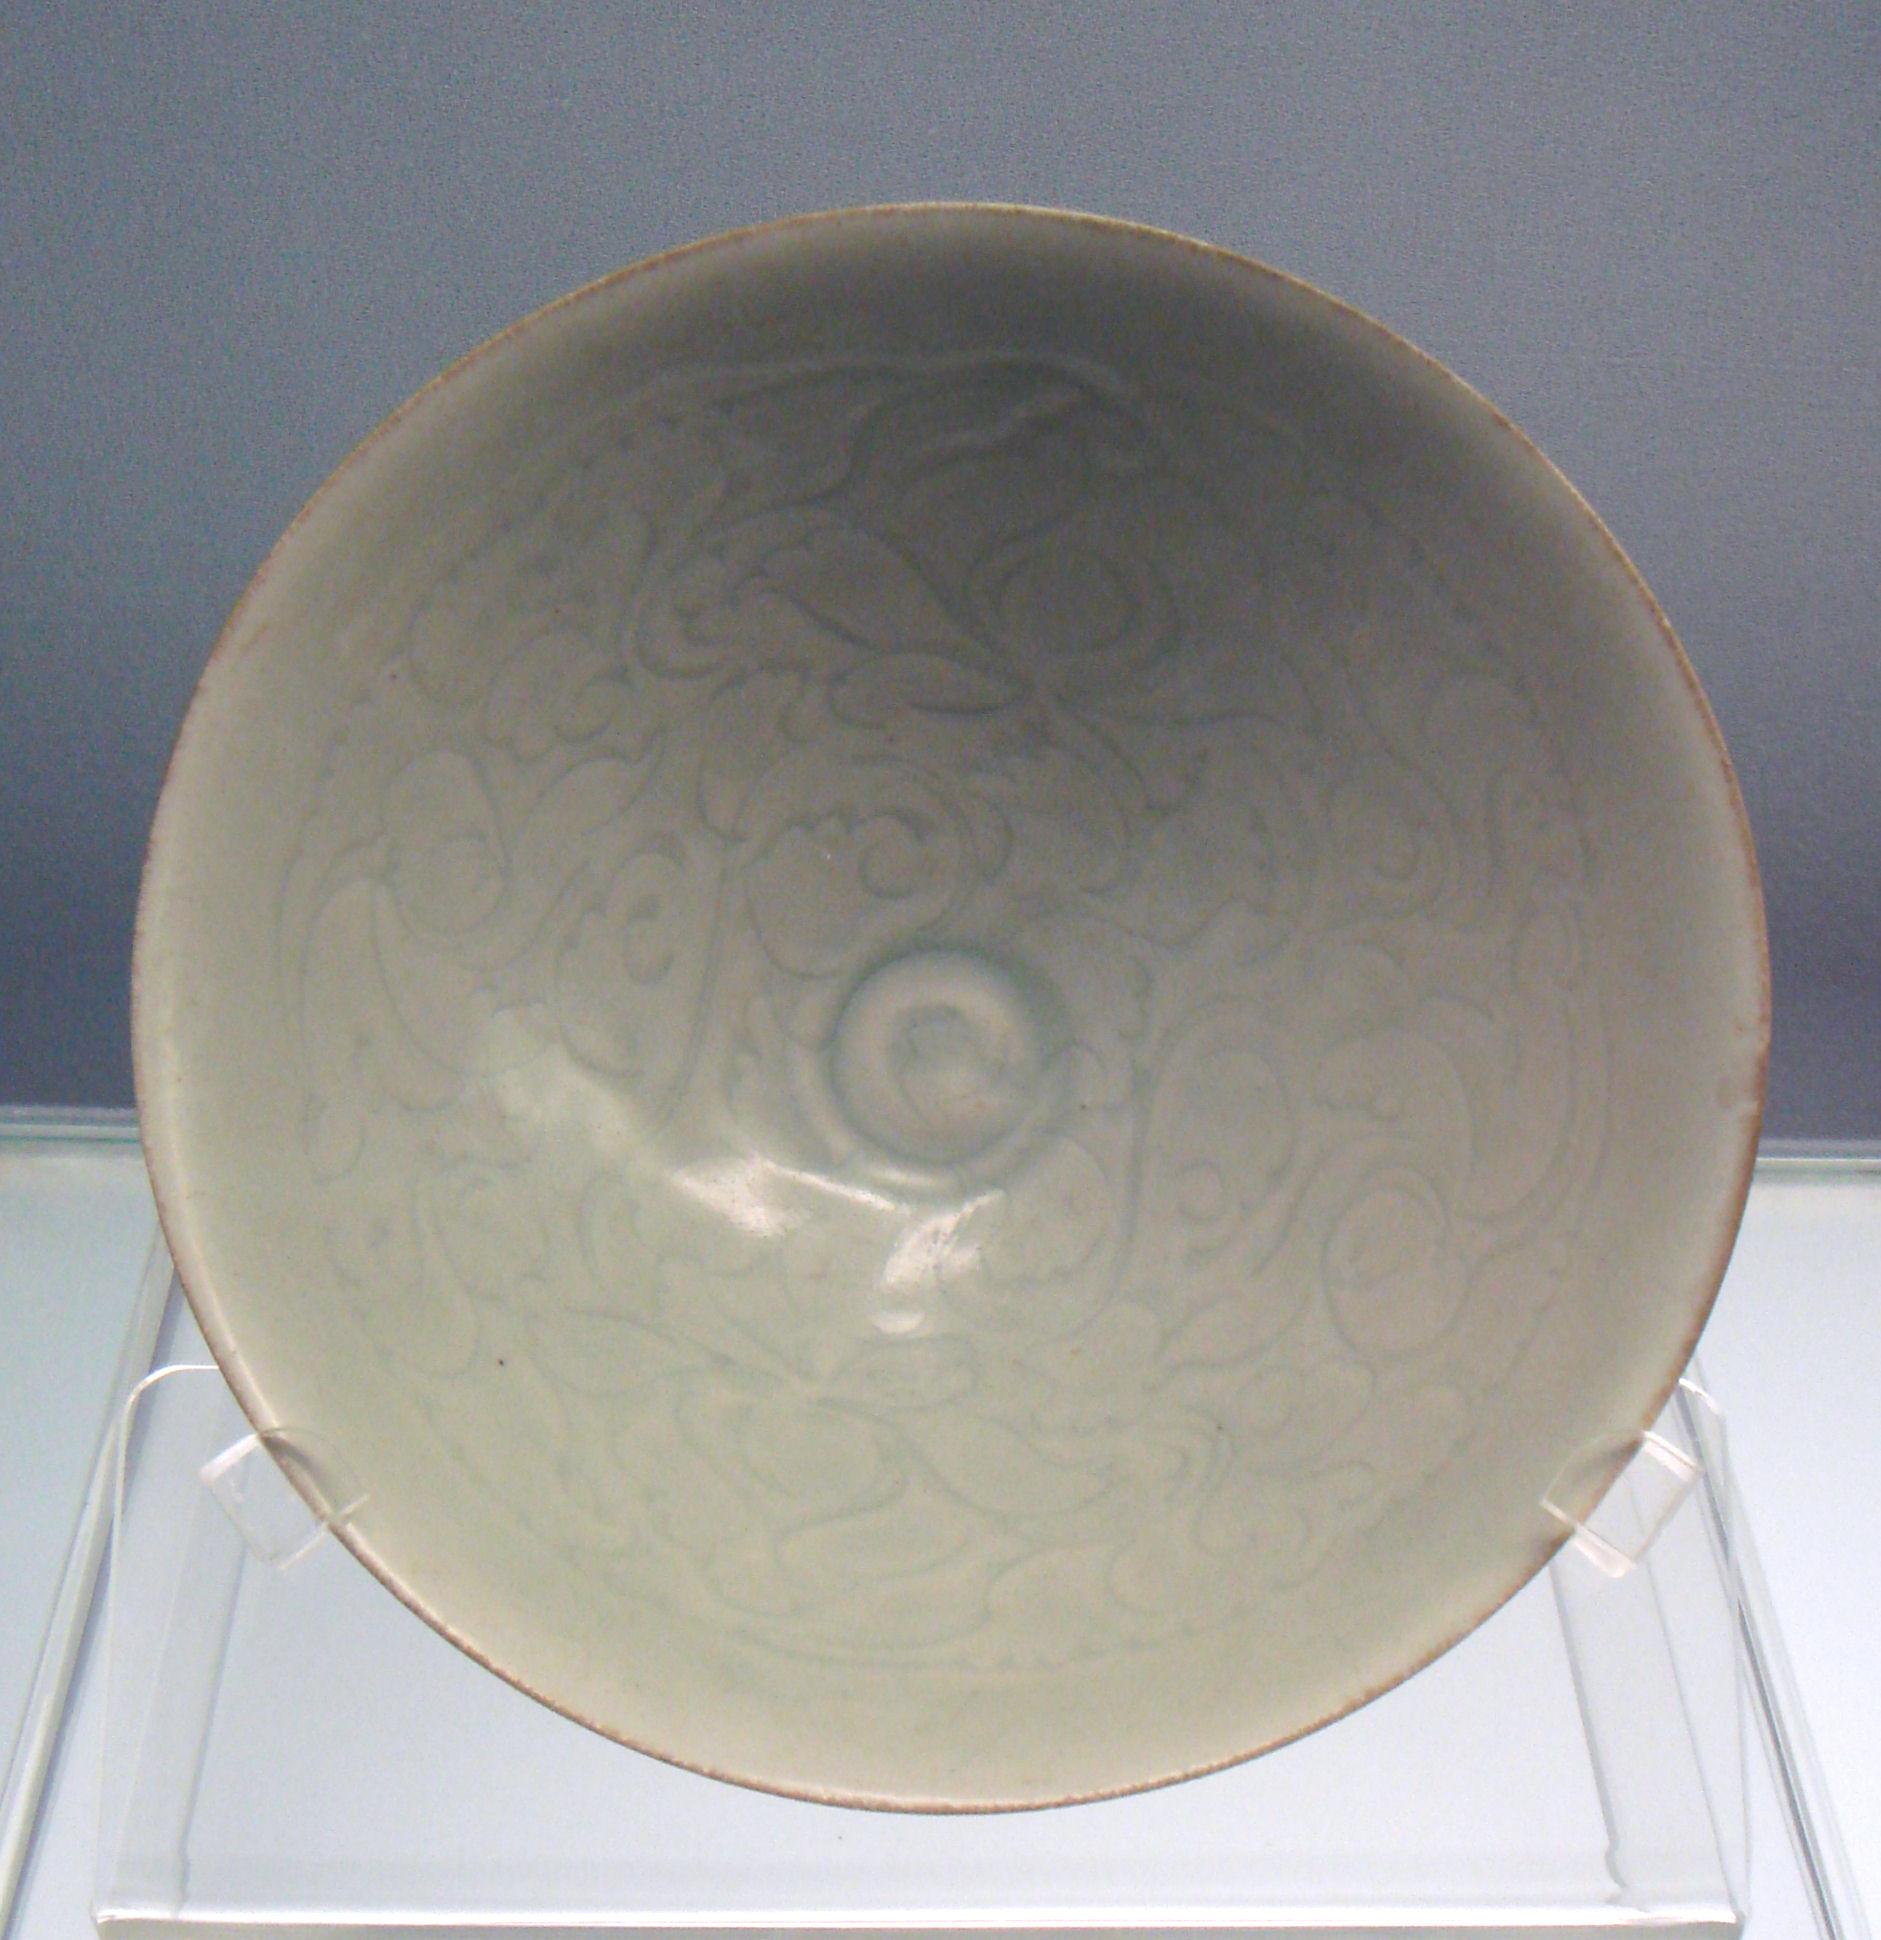 Jingdezhen porcelain - Wikipedia